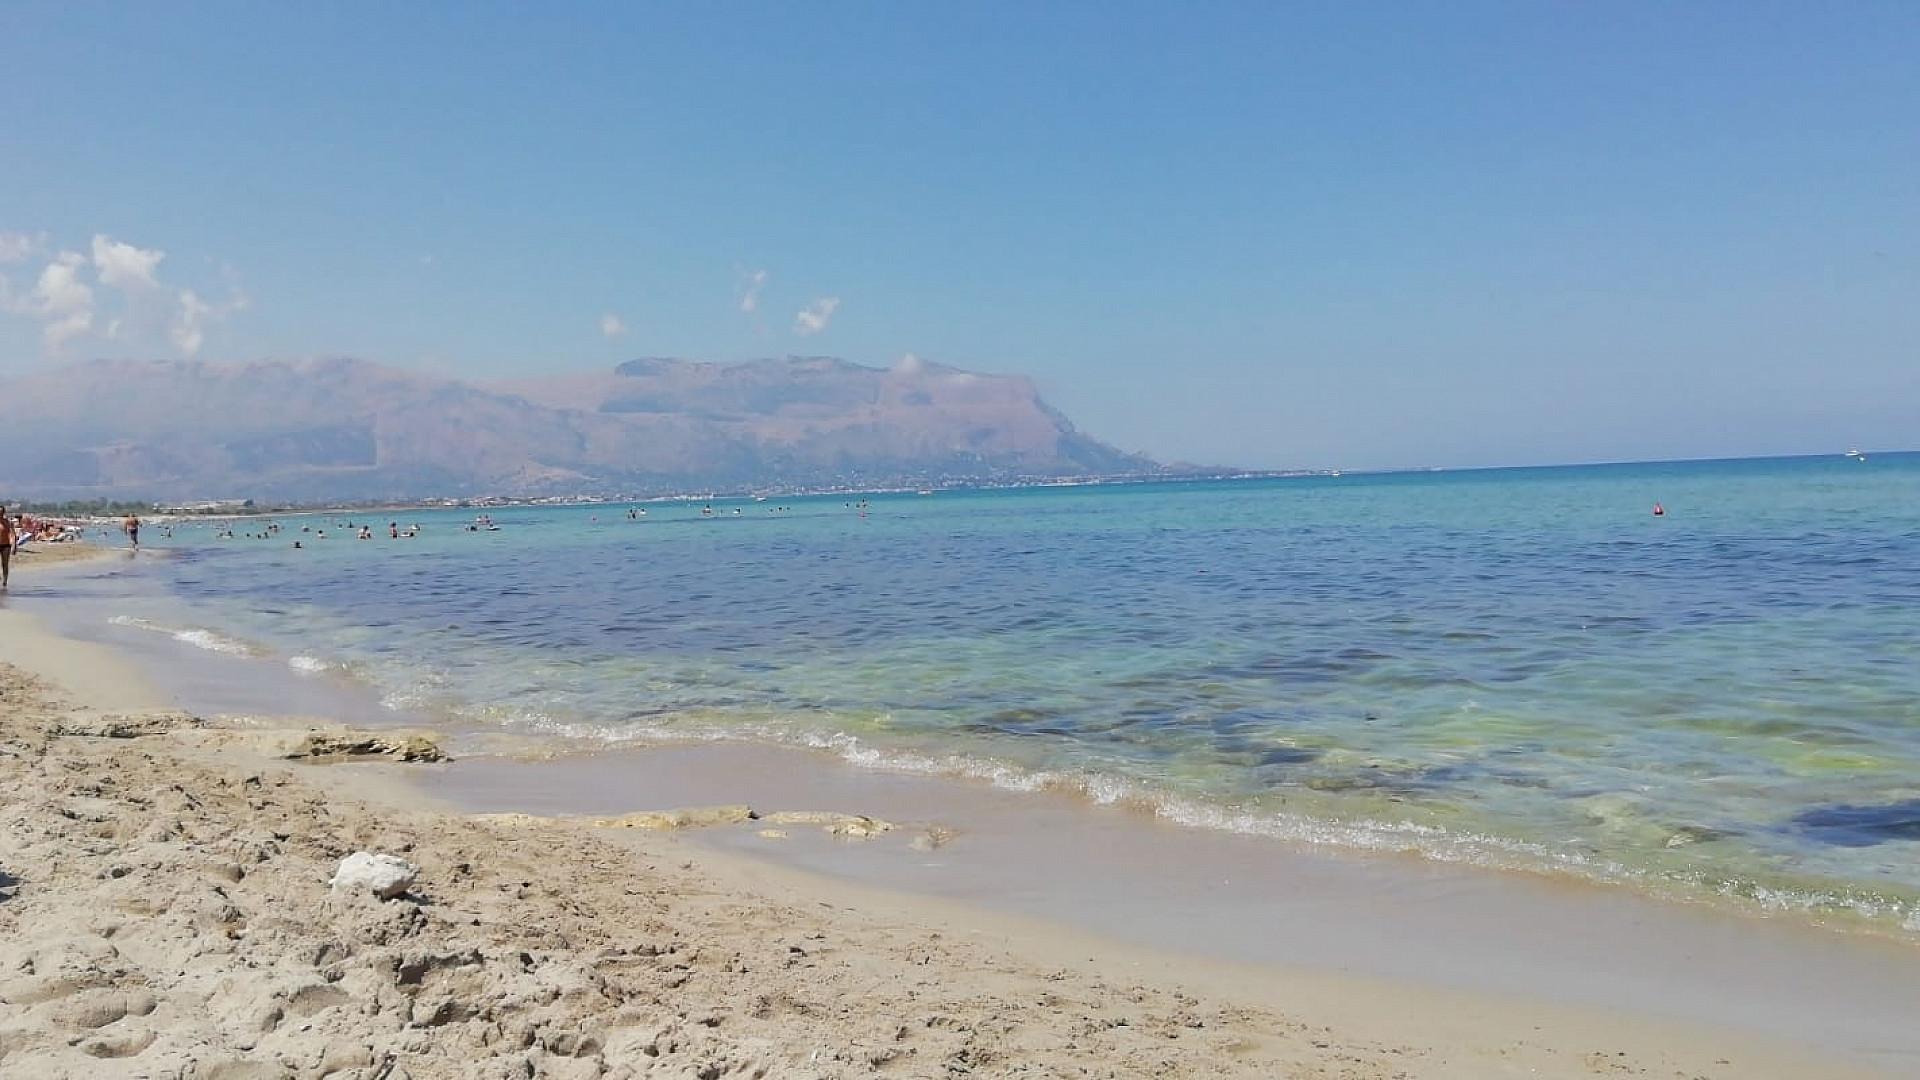 Bella acqua cristallina...sabbia sotto i piedi e di fronte la meravigliosa isola delle femmine di cui è nota per la peculiarità delle specie volatili che giungono per riprodursi